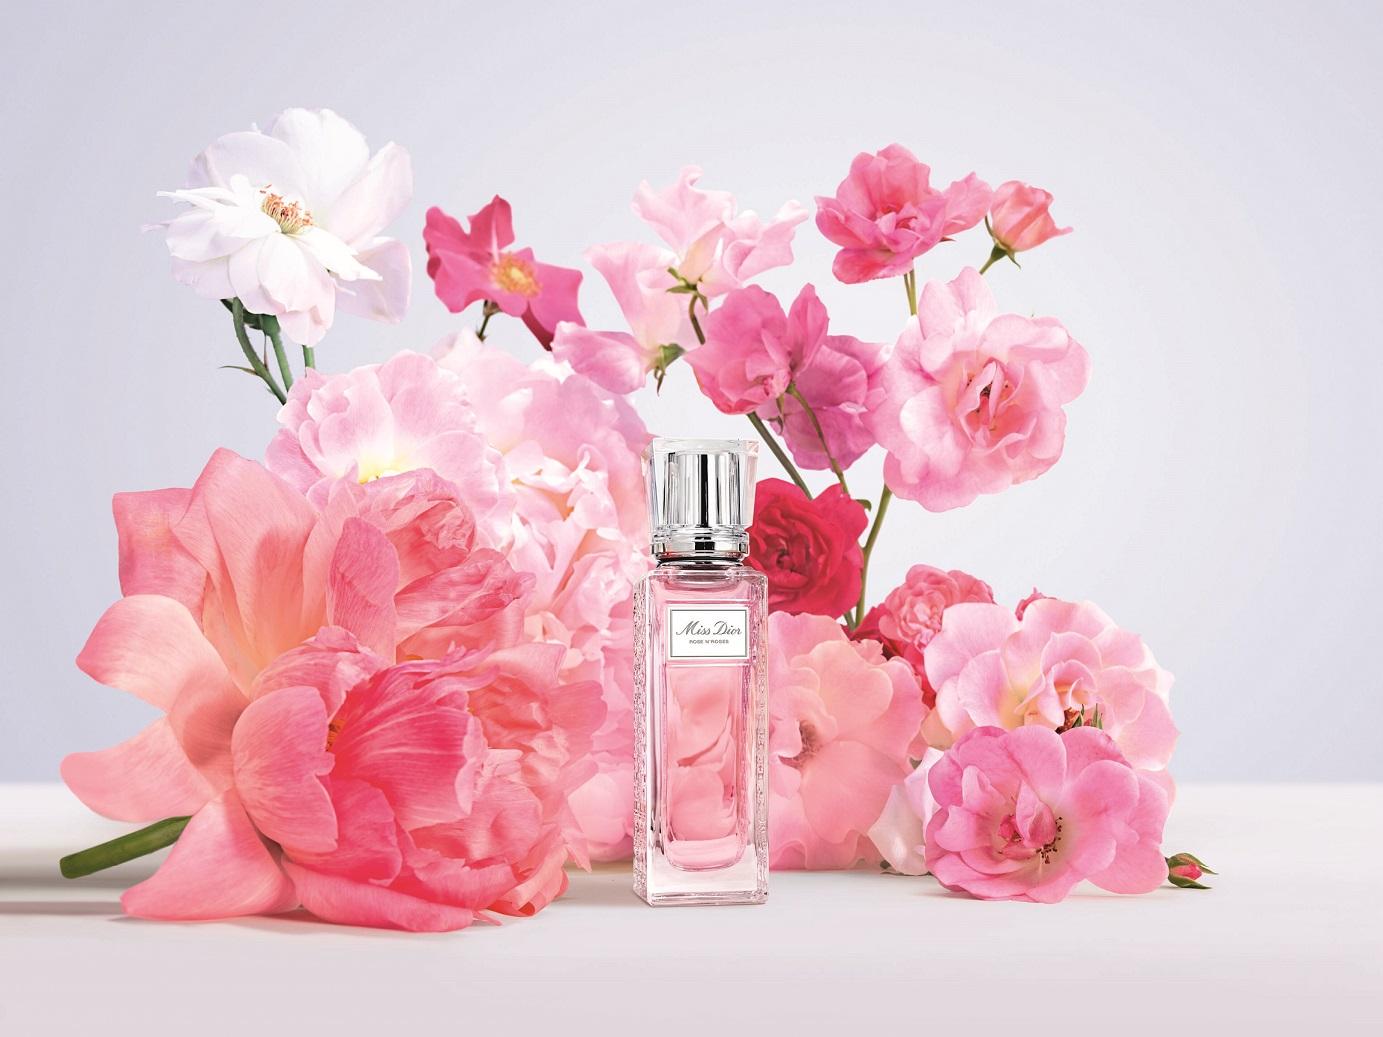 2021香水推薦Top 12!Chanel、Jo Malone、Dior、Tom Ford...男人回頭率直逼200%的香味-0